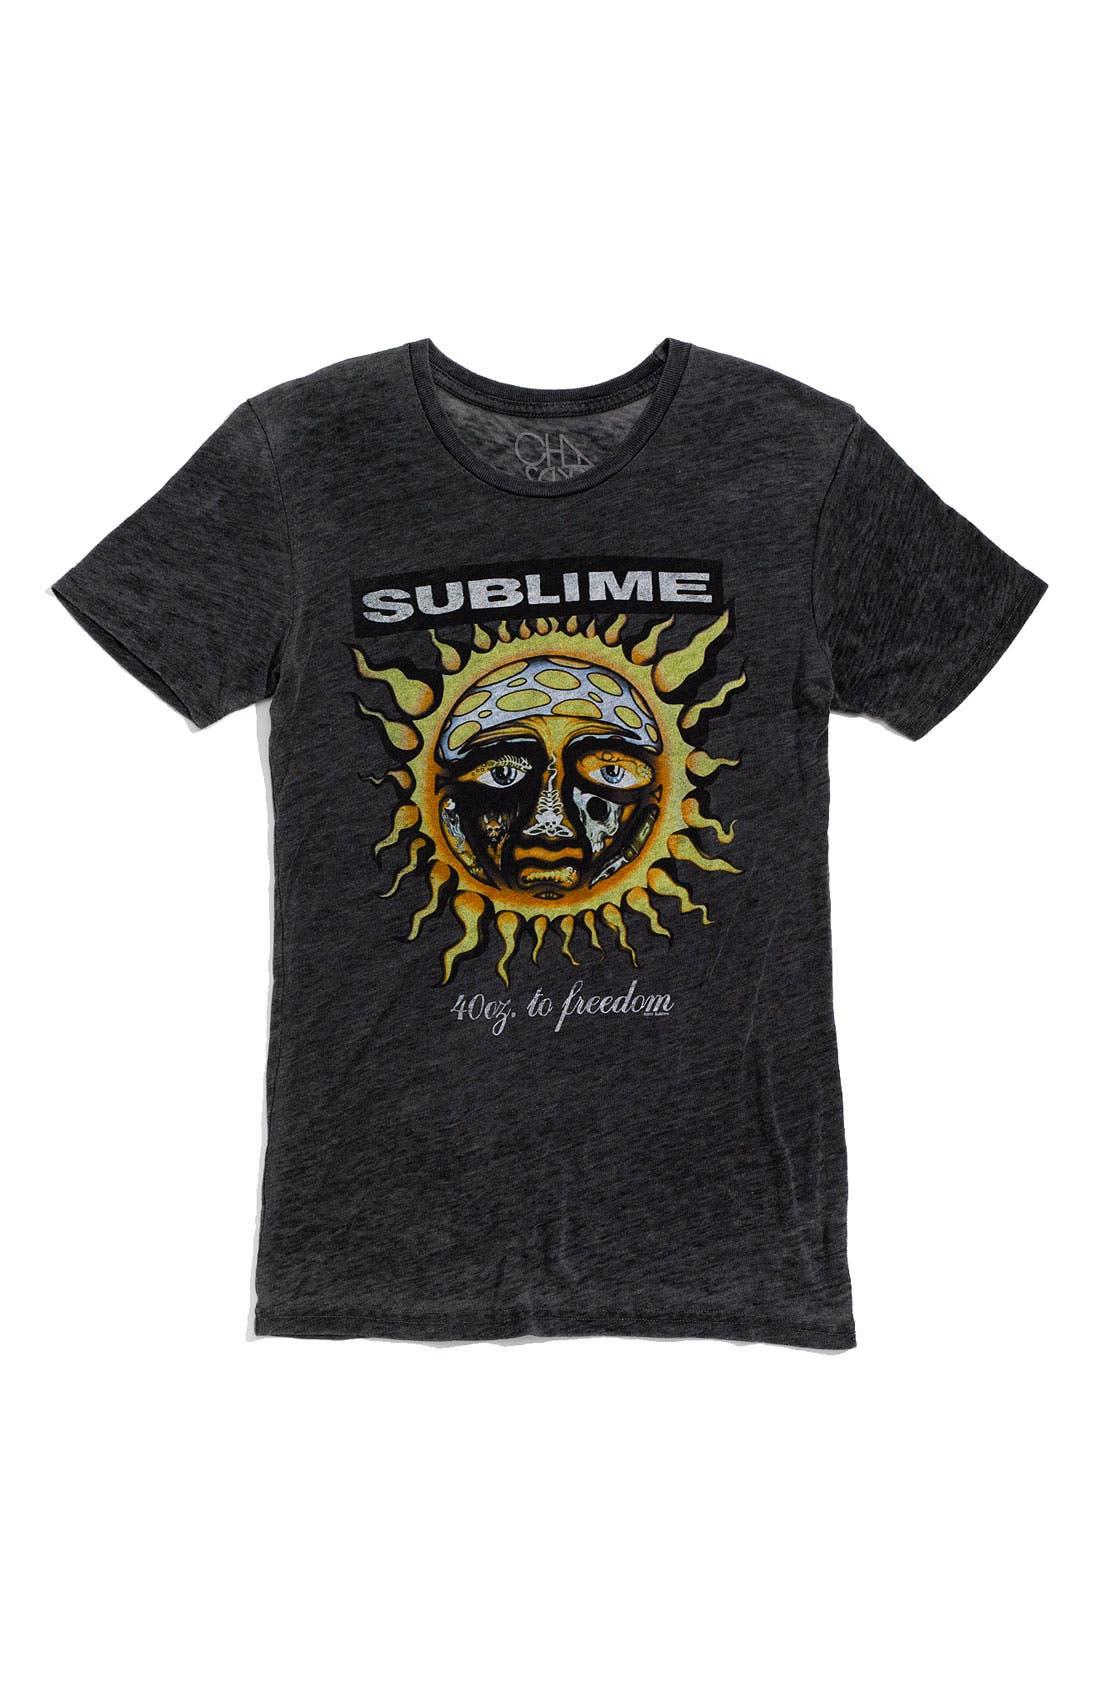 Alternate Image 1 Selected - Chaser 'Sublime' Crewneck T-Shirt (Men)